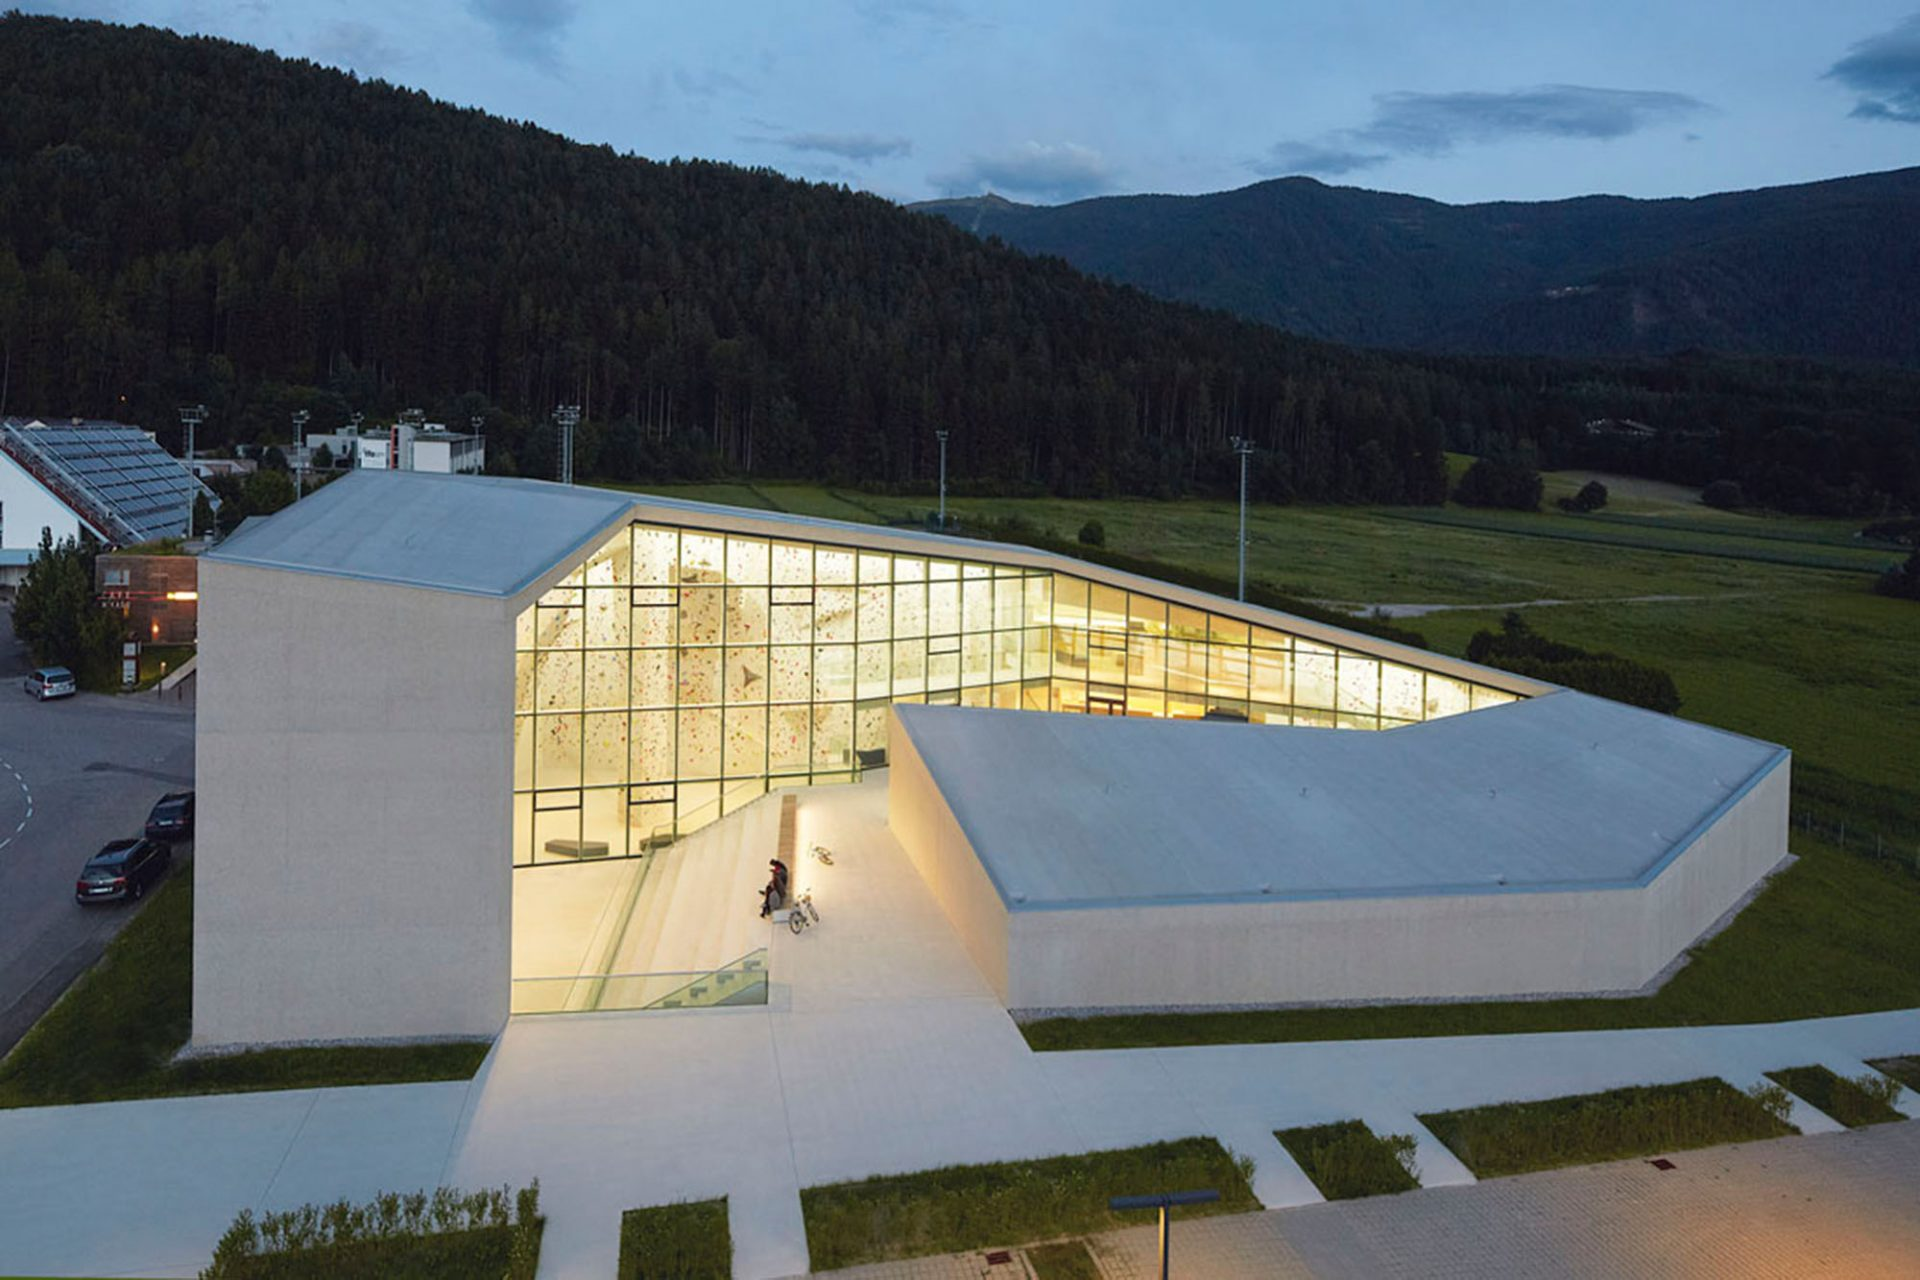 Kletterzentrum Bruneck. Die Kletterhalle in Bruneck-Südtirol, entworfen von den Architekten Stifter + Bachmann, Pfalzen-Südtirol 2015. Ein kraftvolles Solitär ...